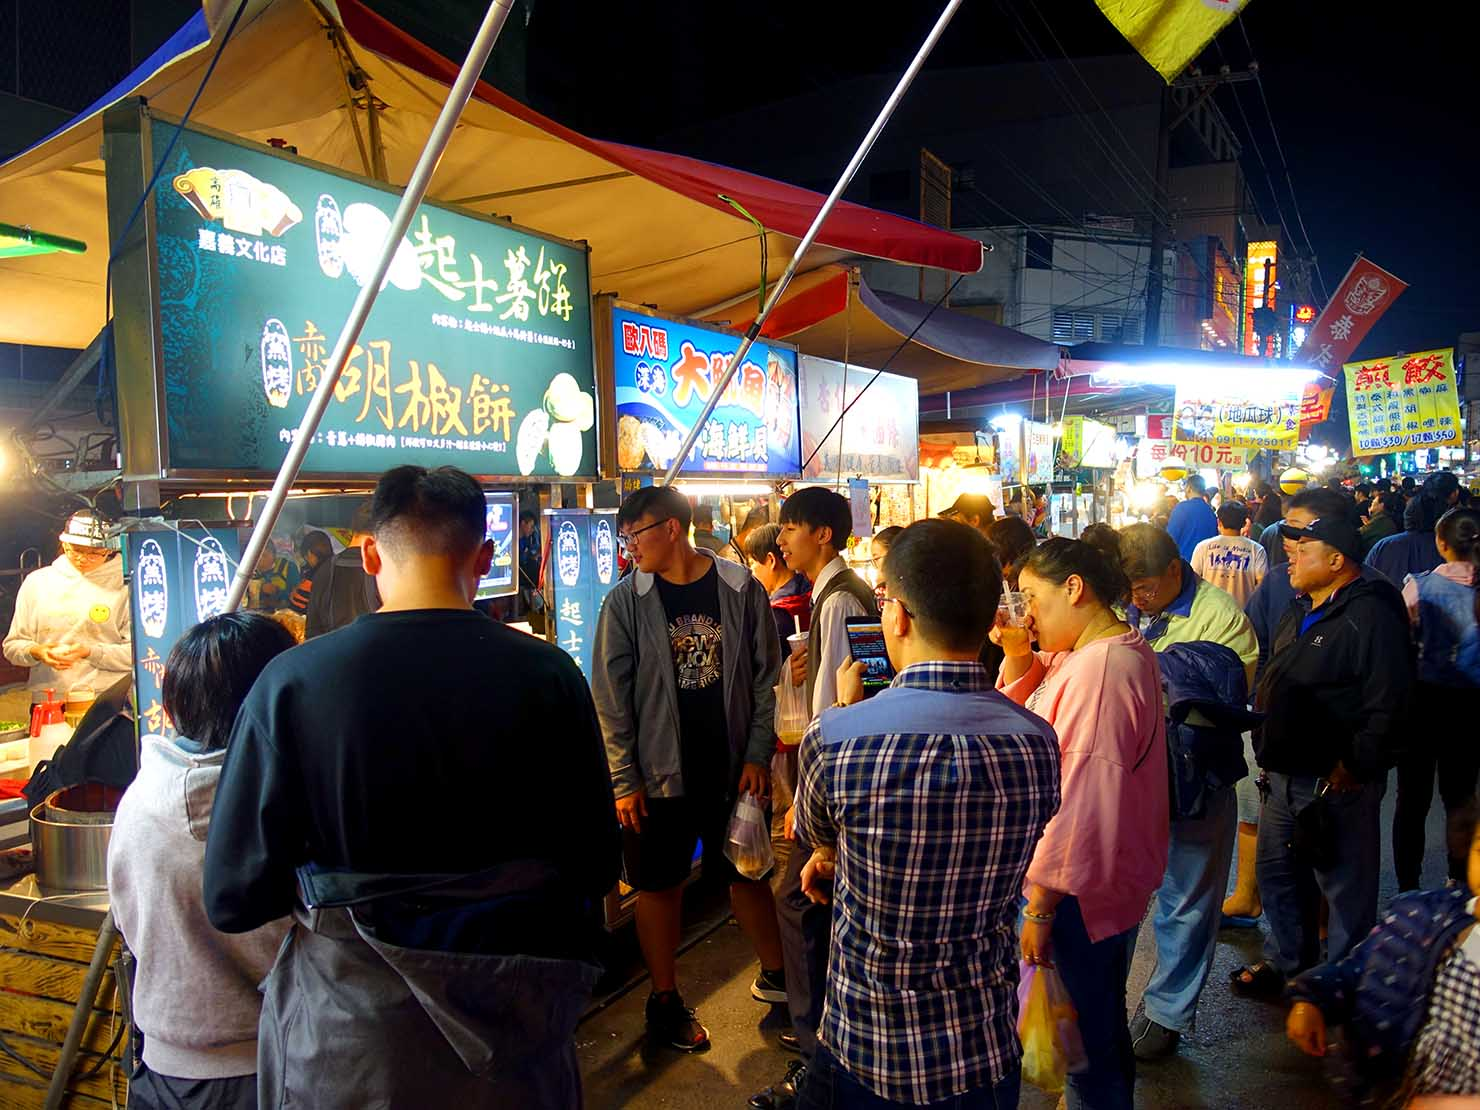 嘉義のおすすめ観光スポット「文化路夜市」に並ぶ屋台